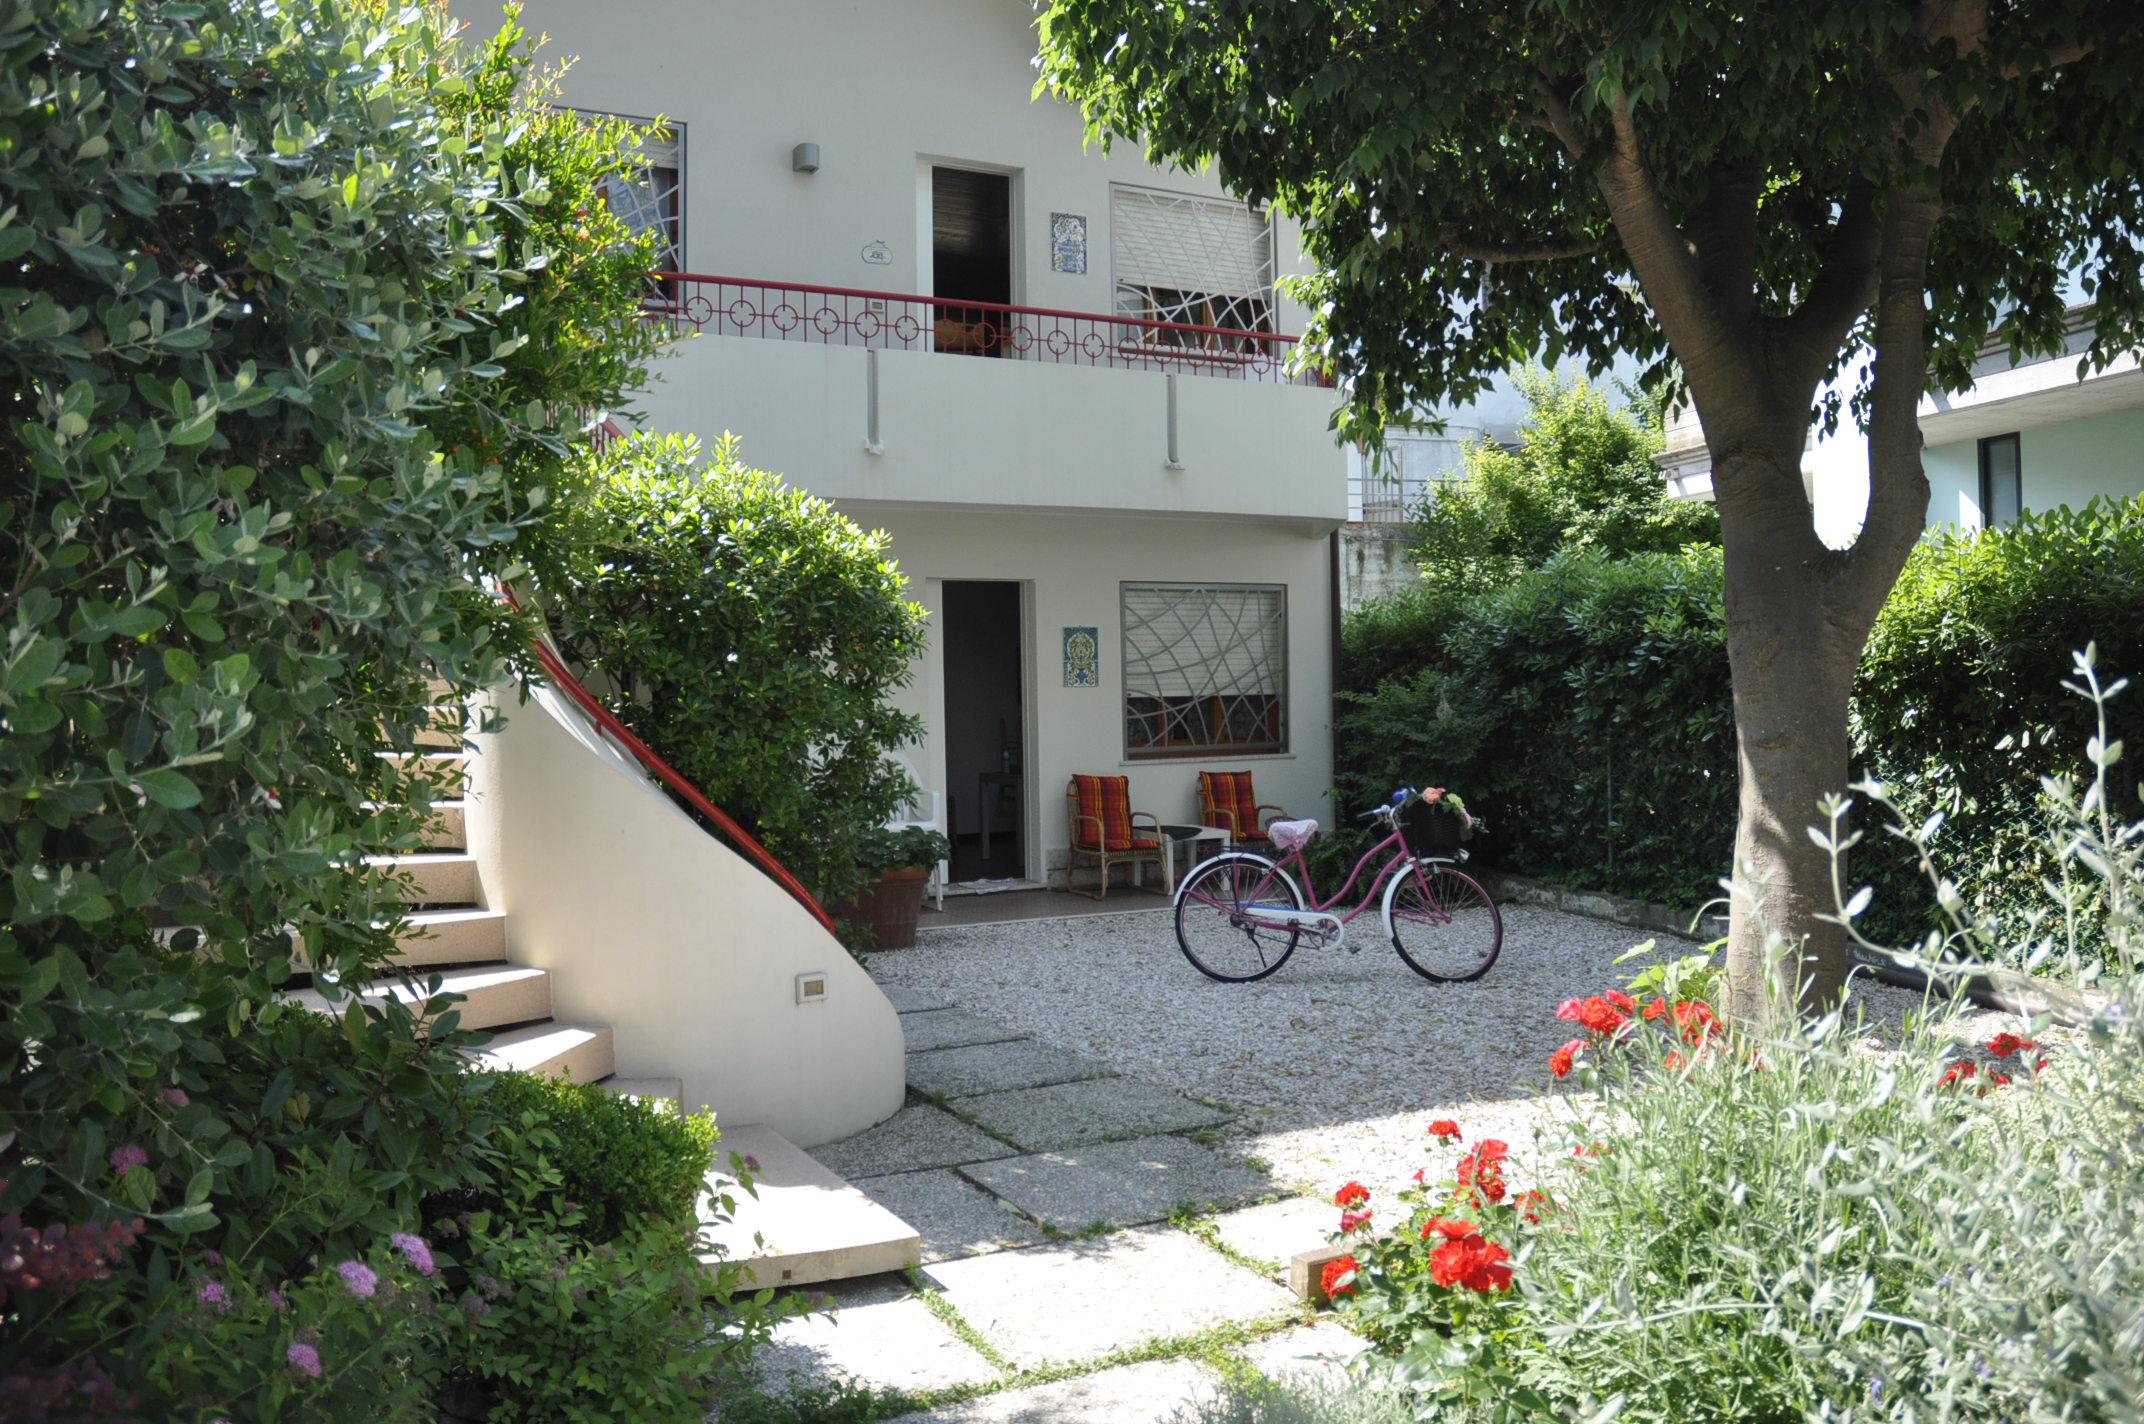 RICCIONE ALBA, Appartamento 3 camere e giardino in affitto LUGLIO